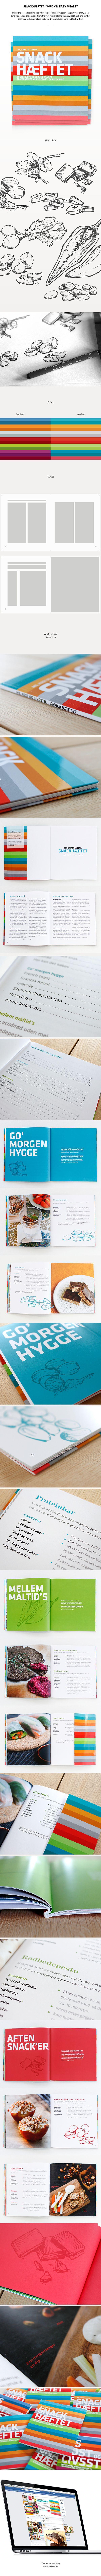 Snackhæftet - Quick'n Easy Healthy Snacks by Kasper Vestergaard, via Behance